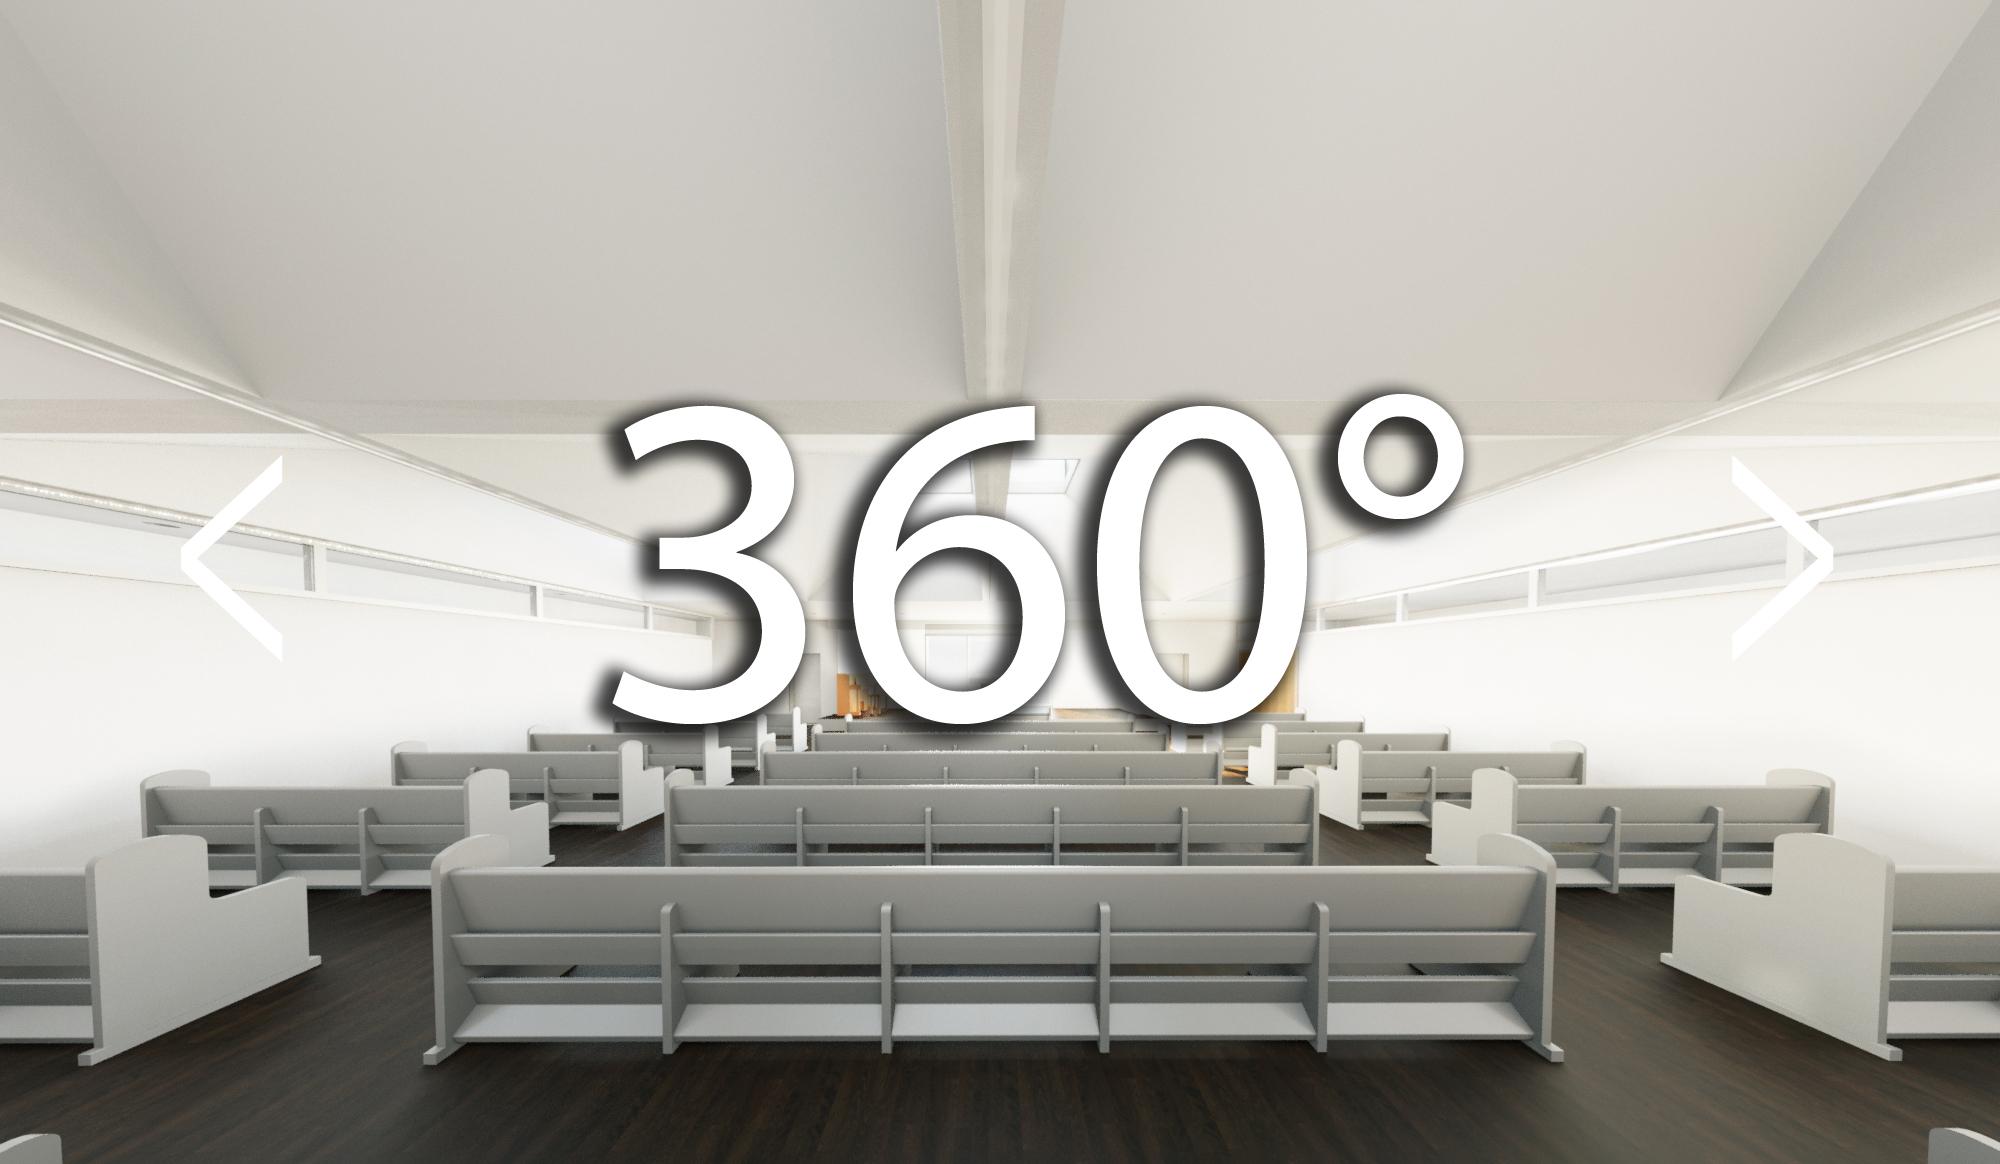 FCOCS_INTERIOR_AUDITORIUM_PERSPECTIVE_360.jpg